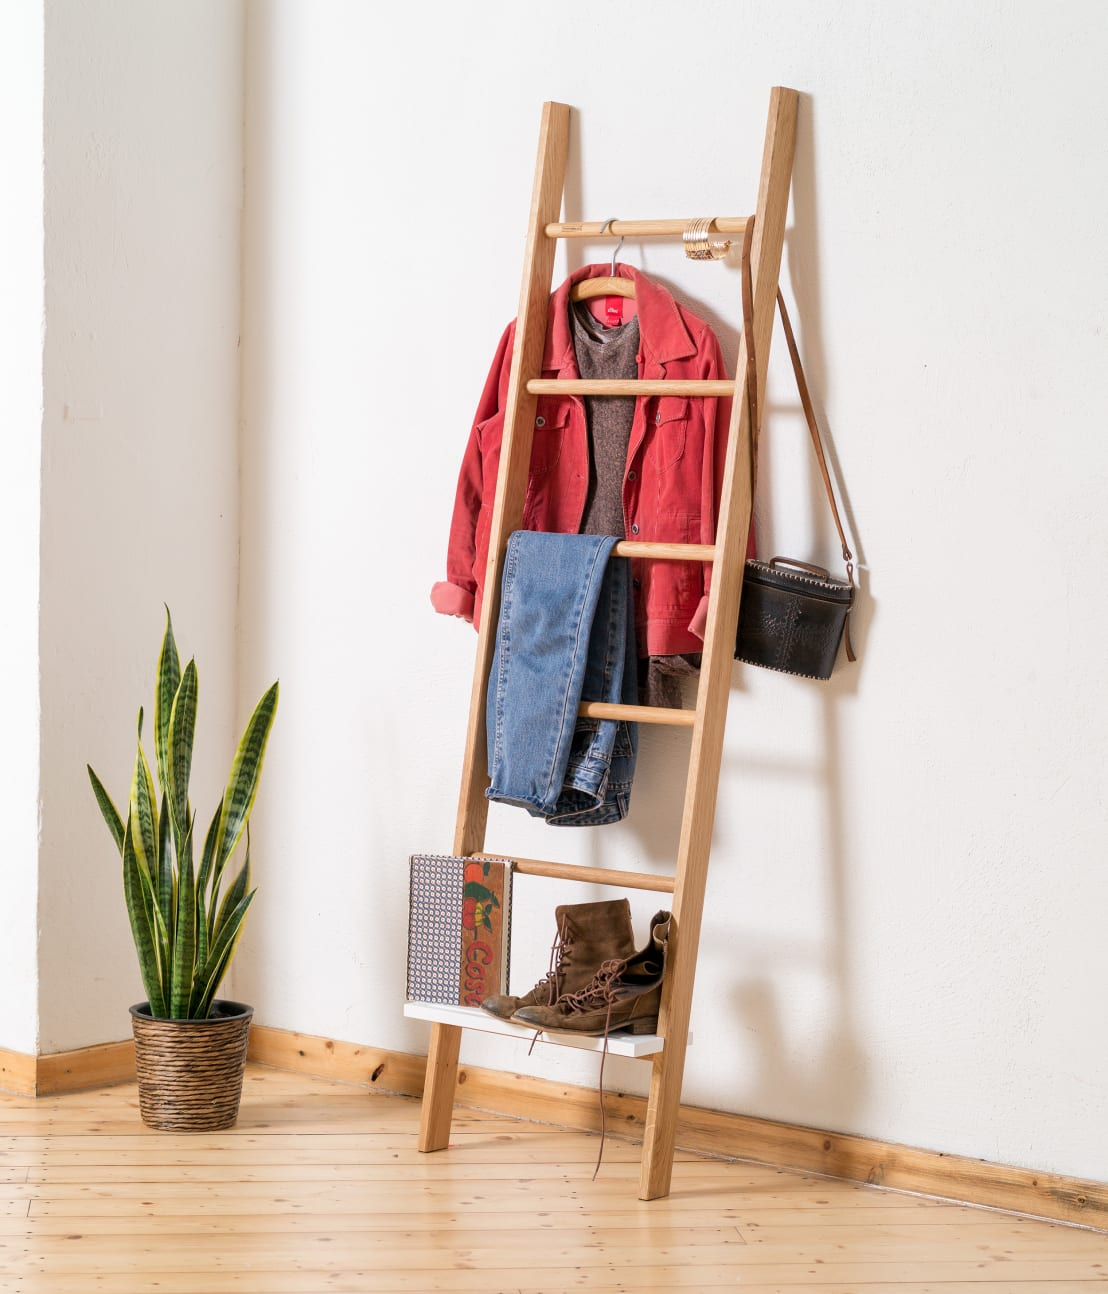 kleiderleiter f r mehr ordnung im schlafzimmer von homify. Black Bedroom Furniture Sets. Home Design Ideas